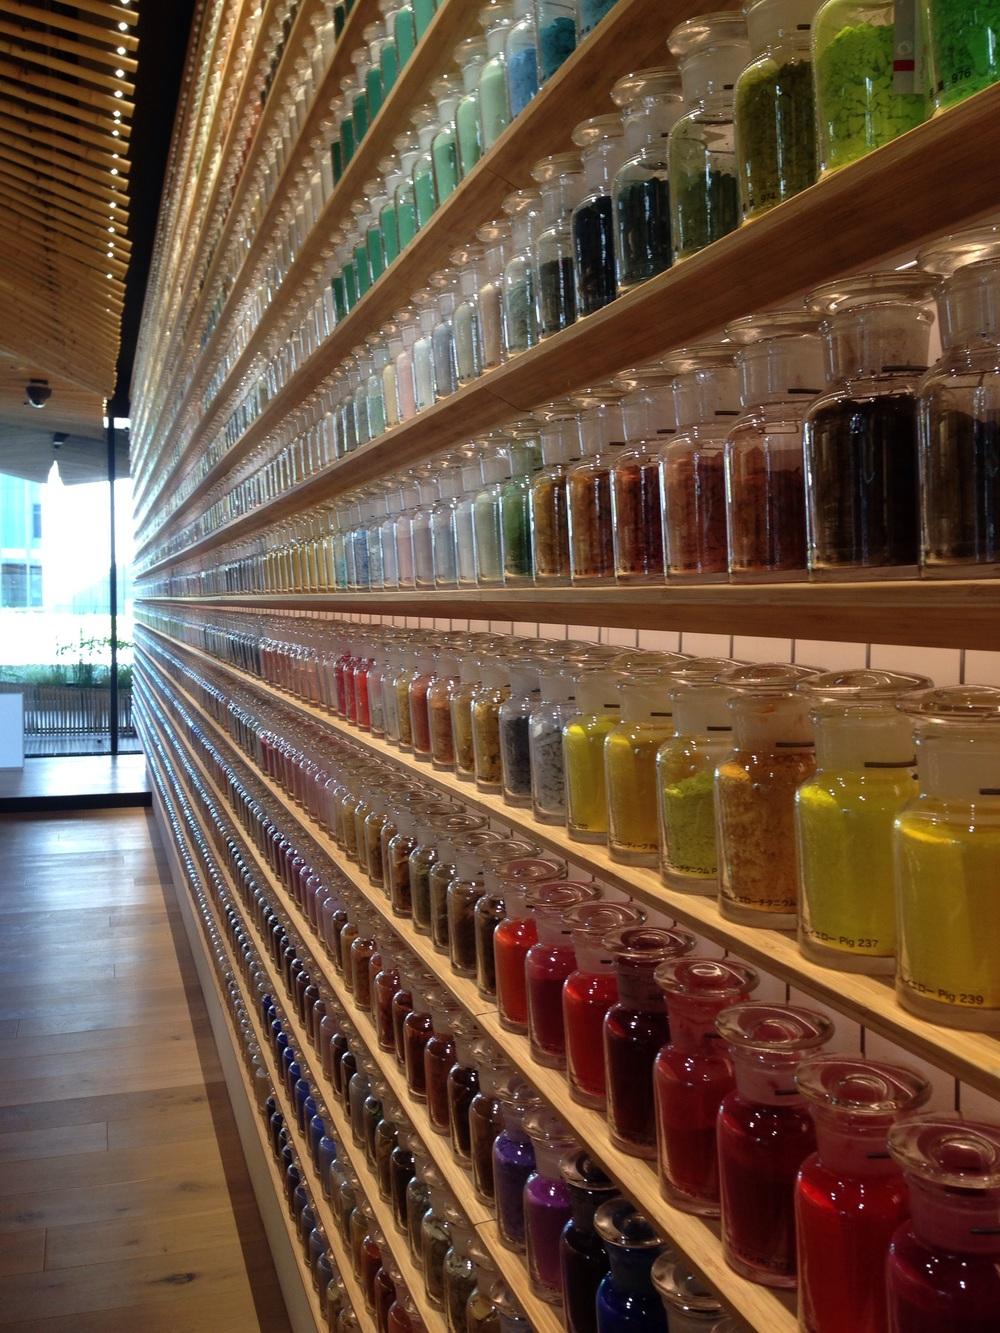 Walls of jars of pigments!